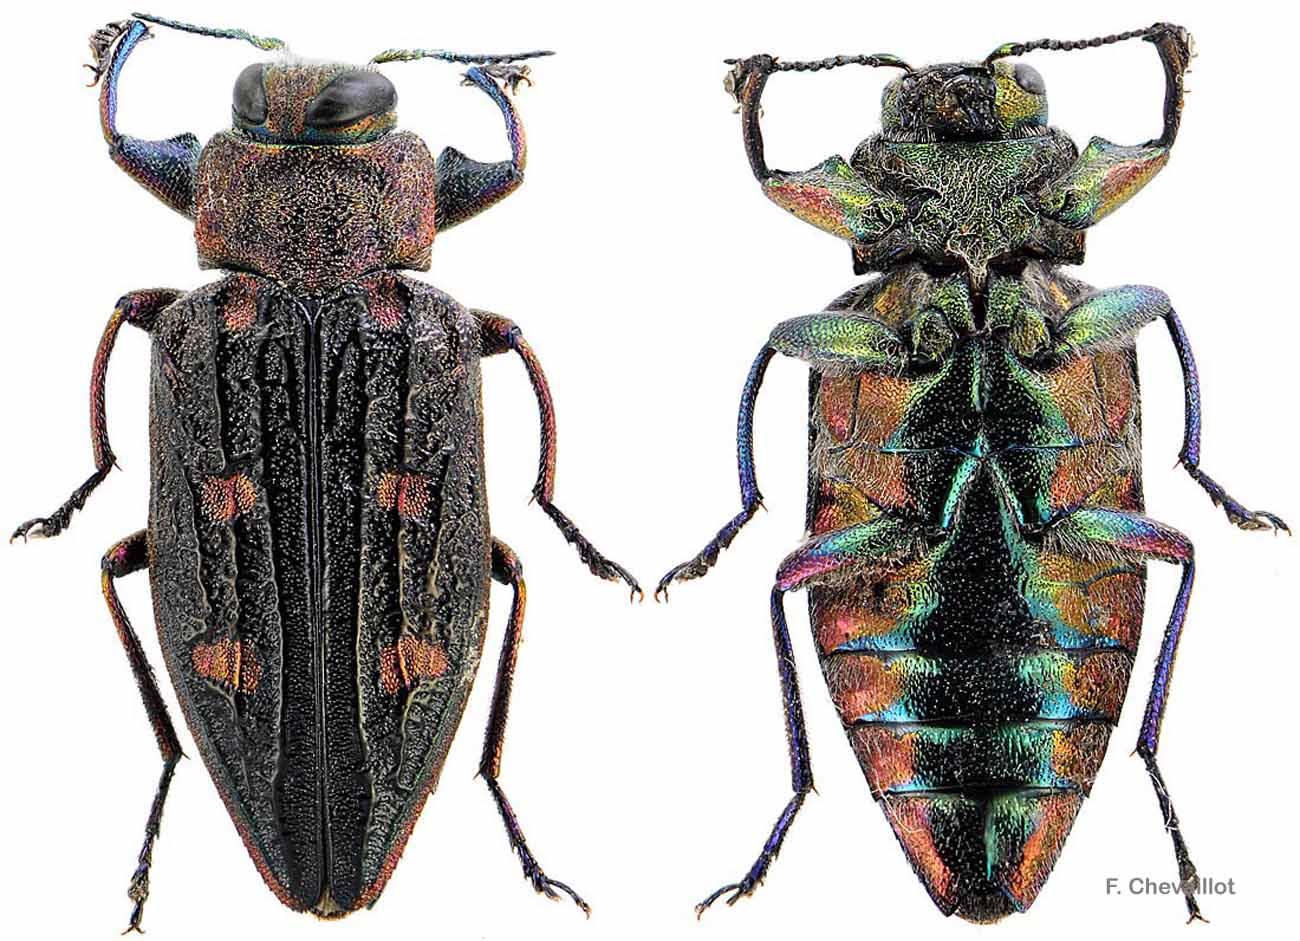 Chrysobothris chrysostigma